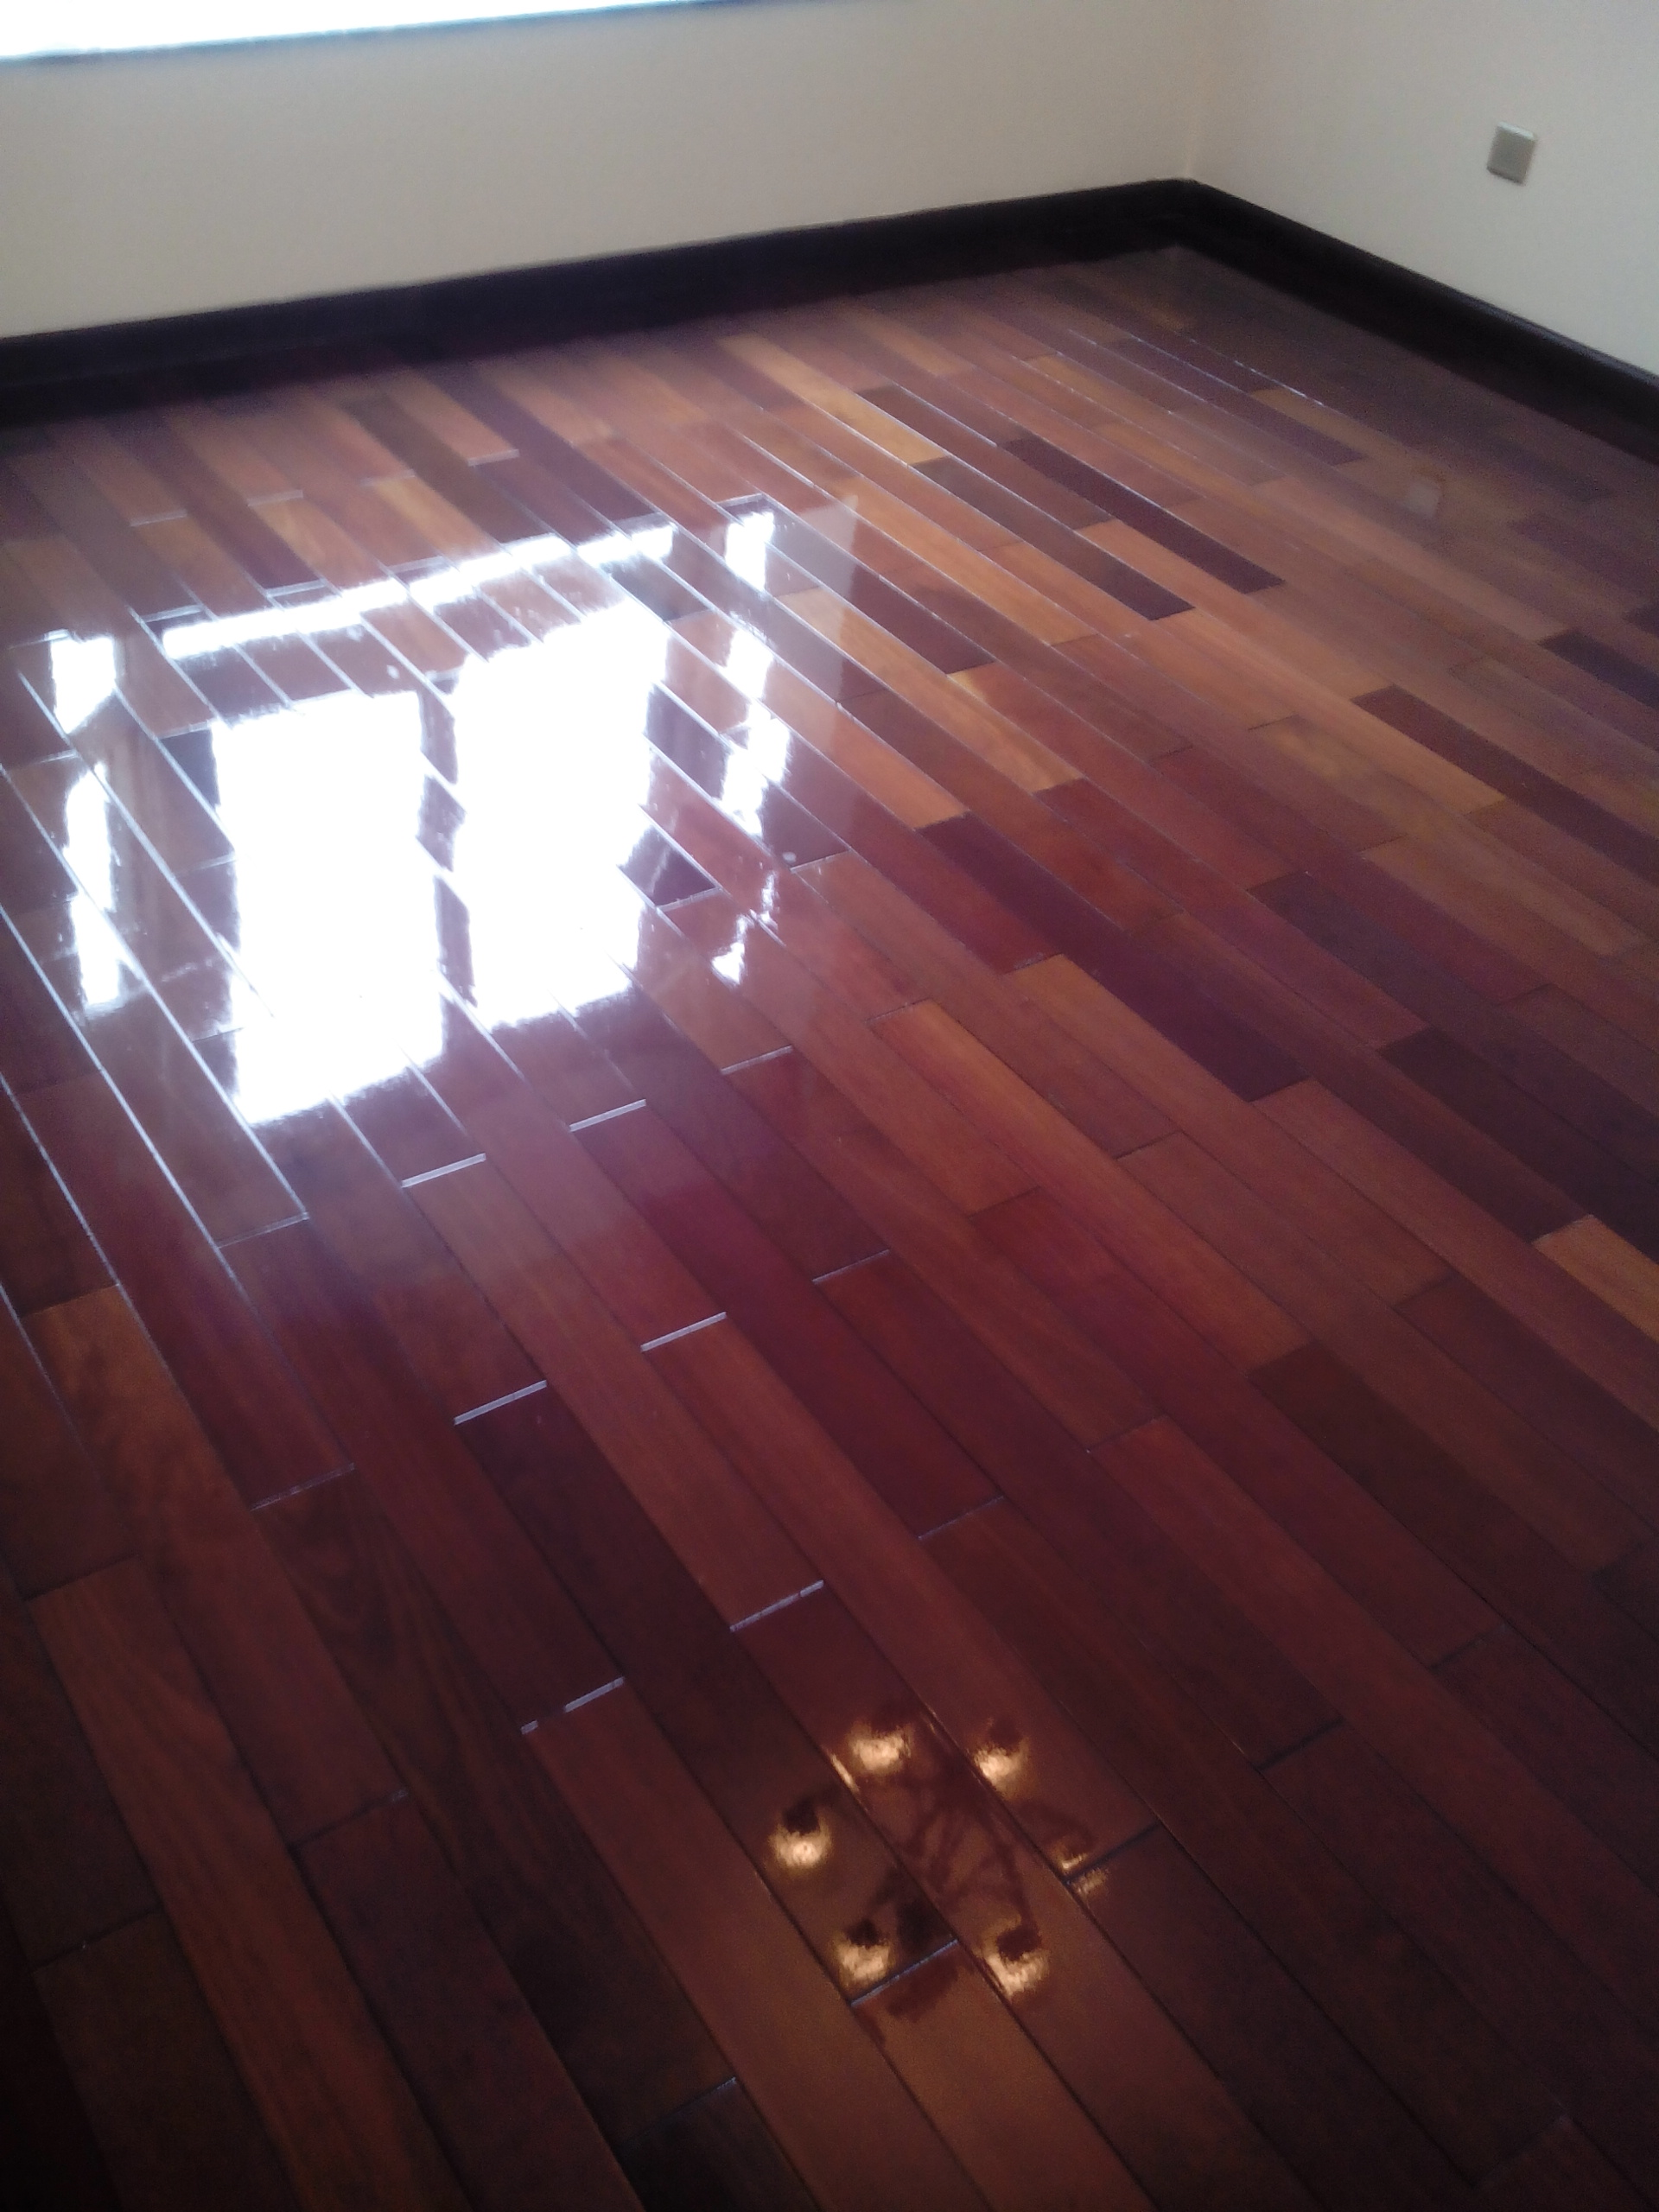 专业复合木地板,塑胶地板,pvc地板,大理石石材,水磨石石材,花岗岩石材